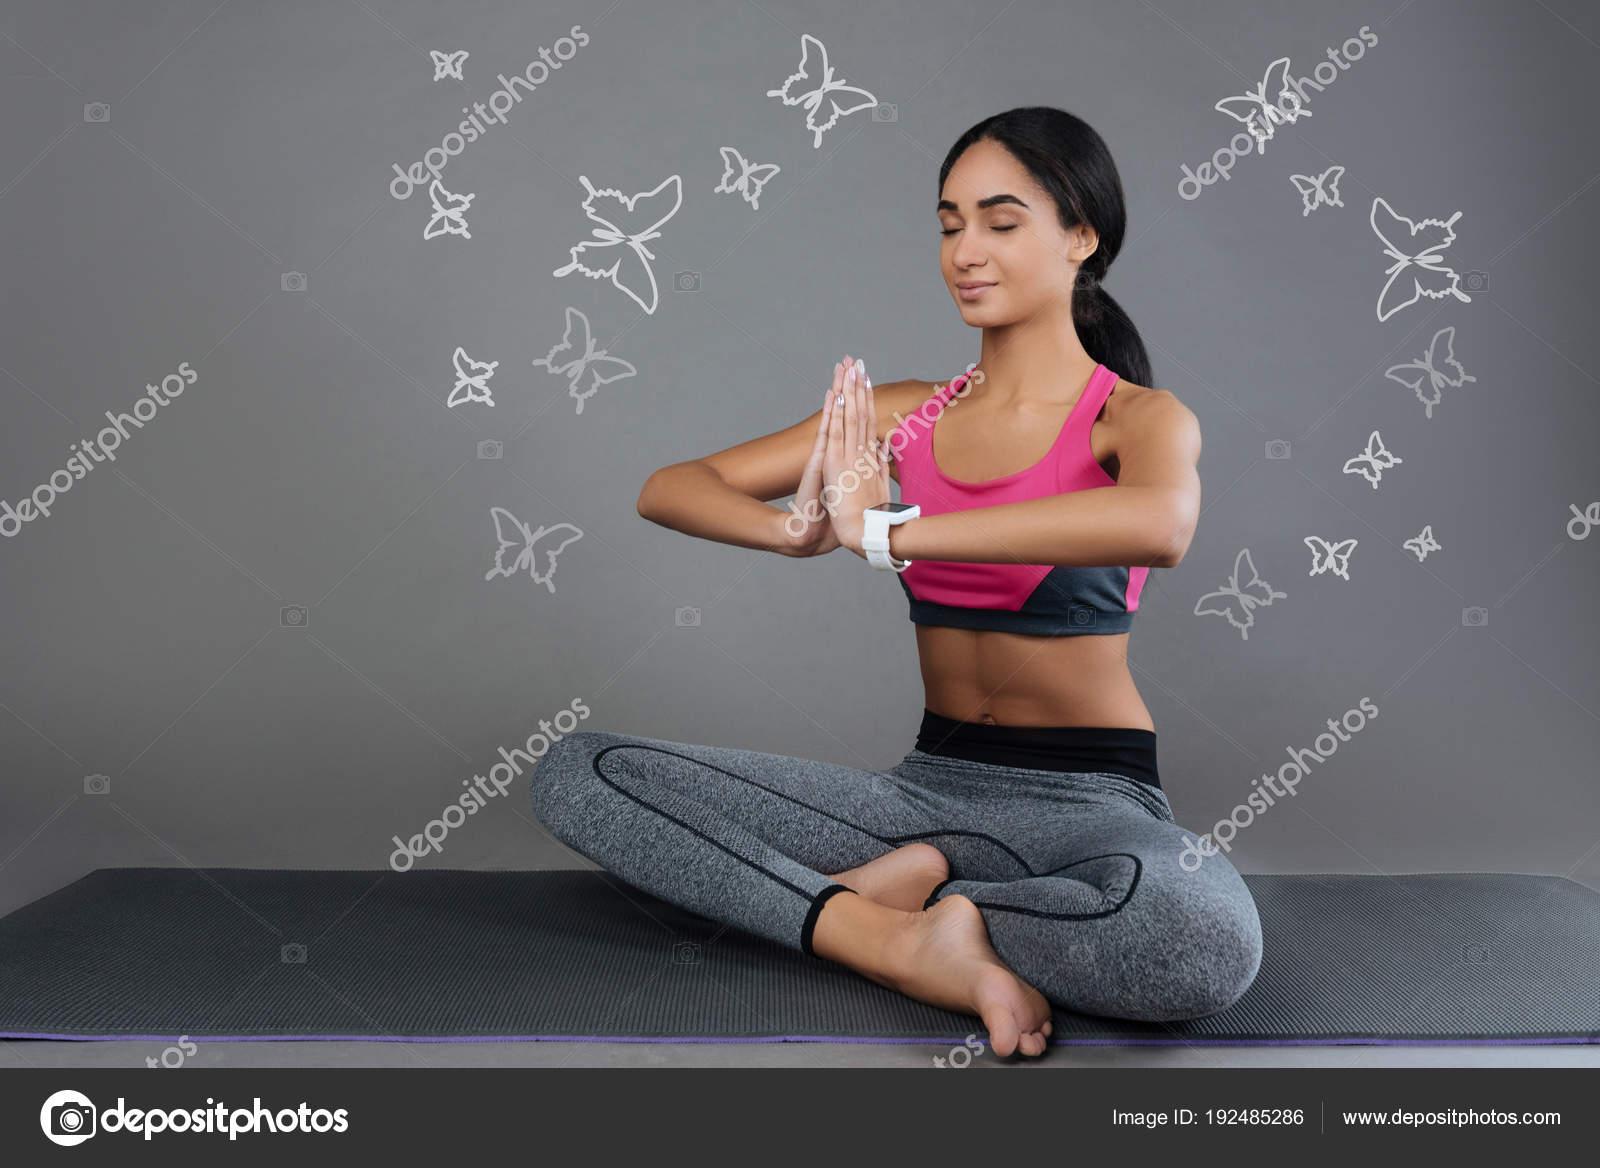 Слюноотделение во время медитации